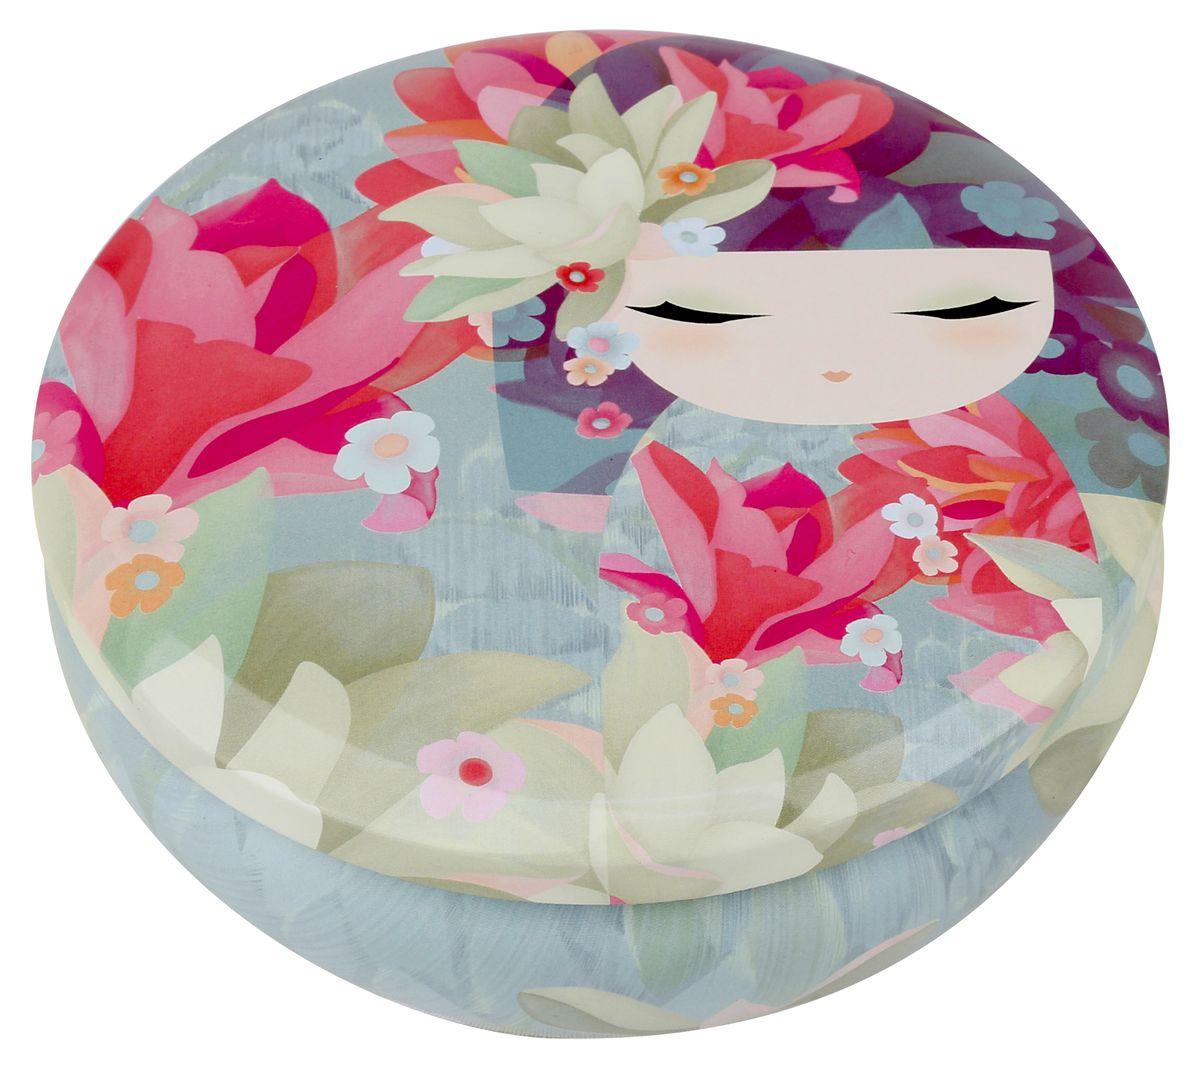 Шкатулка жестяная Kimmidoll Такара (Удача). KH096637329Шкатулка Kimmidoll Такара (Удача) изготовлена из жести и оформлена изображением японской куколки кокеши. Шкатулка содержит вместительное отделение, надежно закрывающееся крышкой.Такая шкатулка не только надежно сохранит вашу бижутерию, но и станет необычным украшением интерьера.Привет, меня зовут Такара! Я талисман удачи! Мой дух постоянно находится в творческом поиске. Ваша творческая натура и жажда открытий раскрывают секрет моего духа. Сохраняйте смелость и не бойтесь пробовать что-то новое, и вам обязательно улыбнется удача.